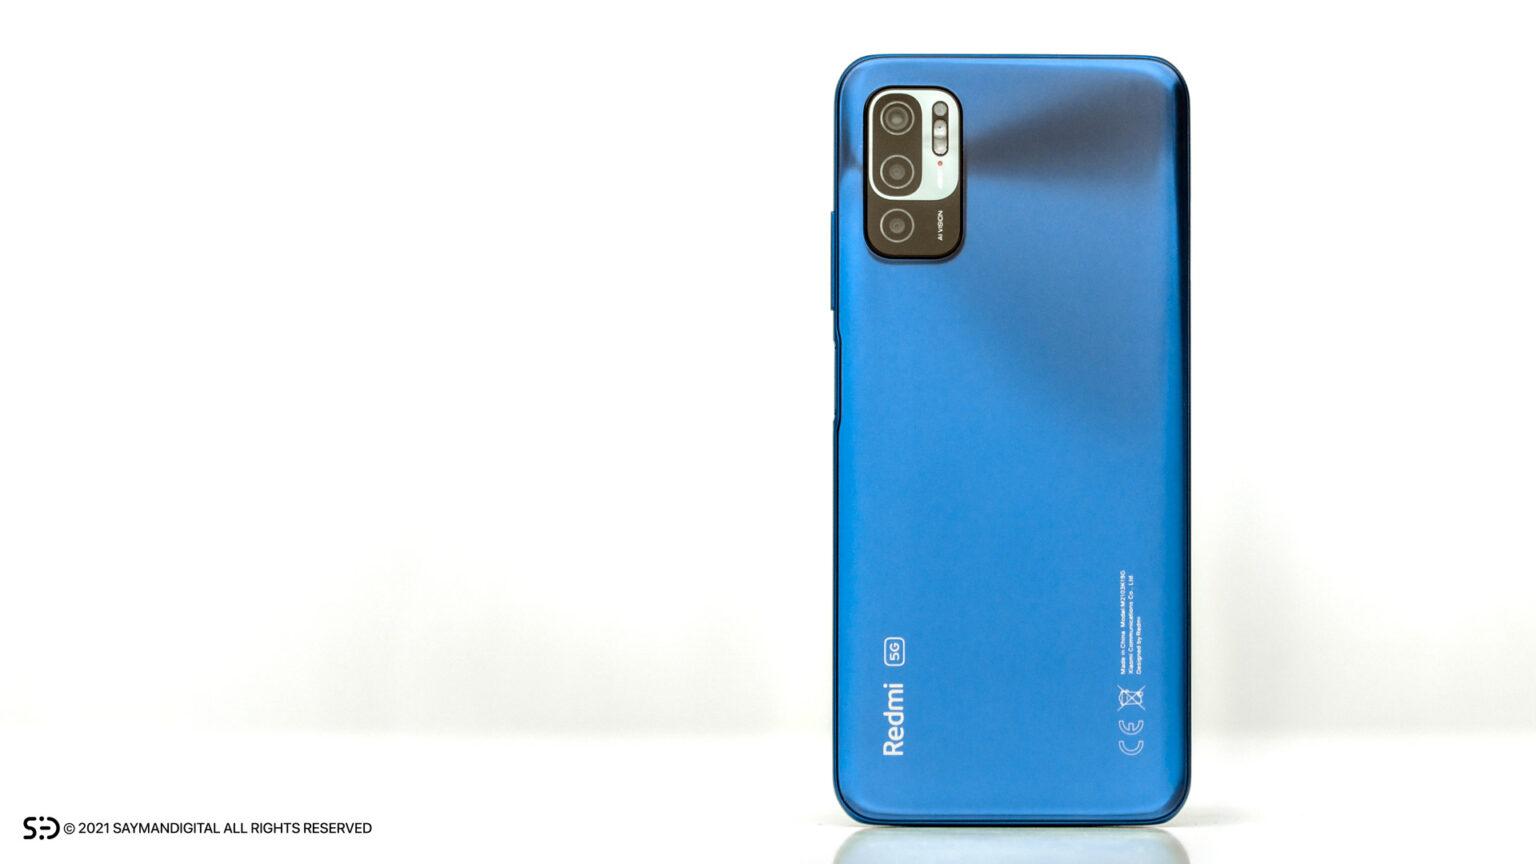 ردمی نوت 10 5G - بهترین گوشی های شیائومی در تمام رده های قیمتی